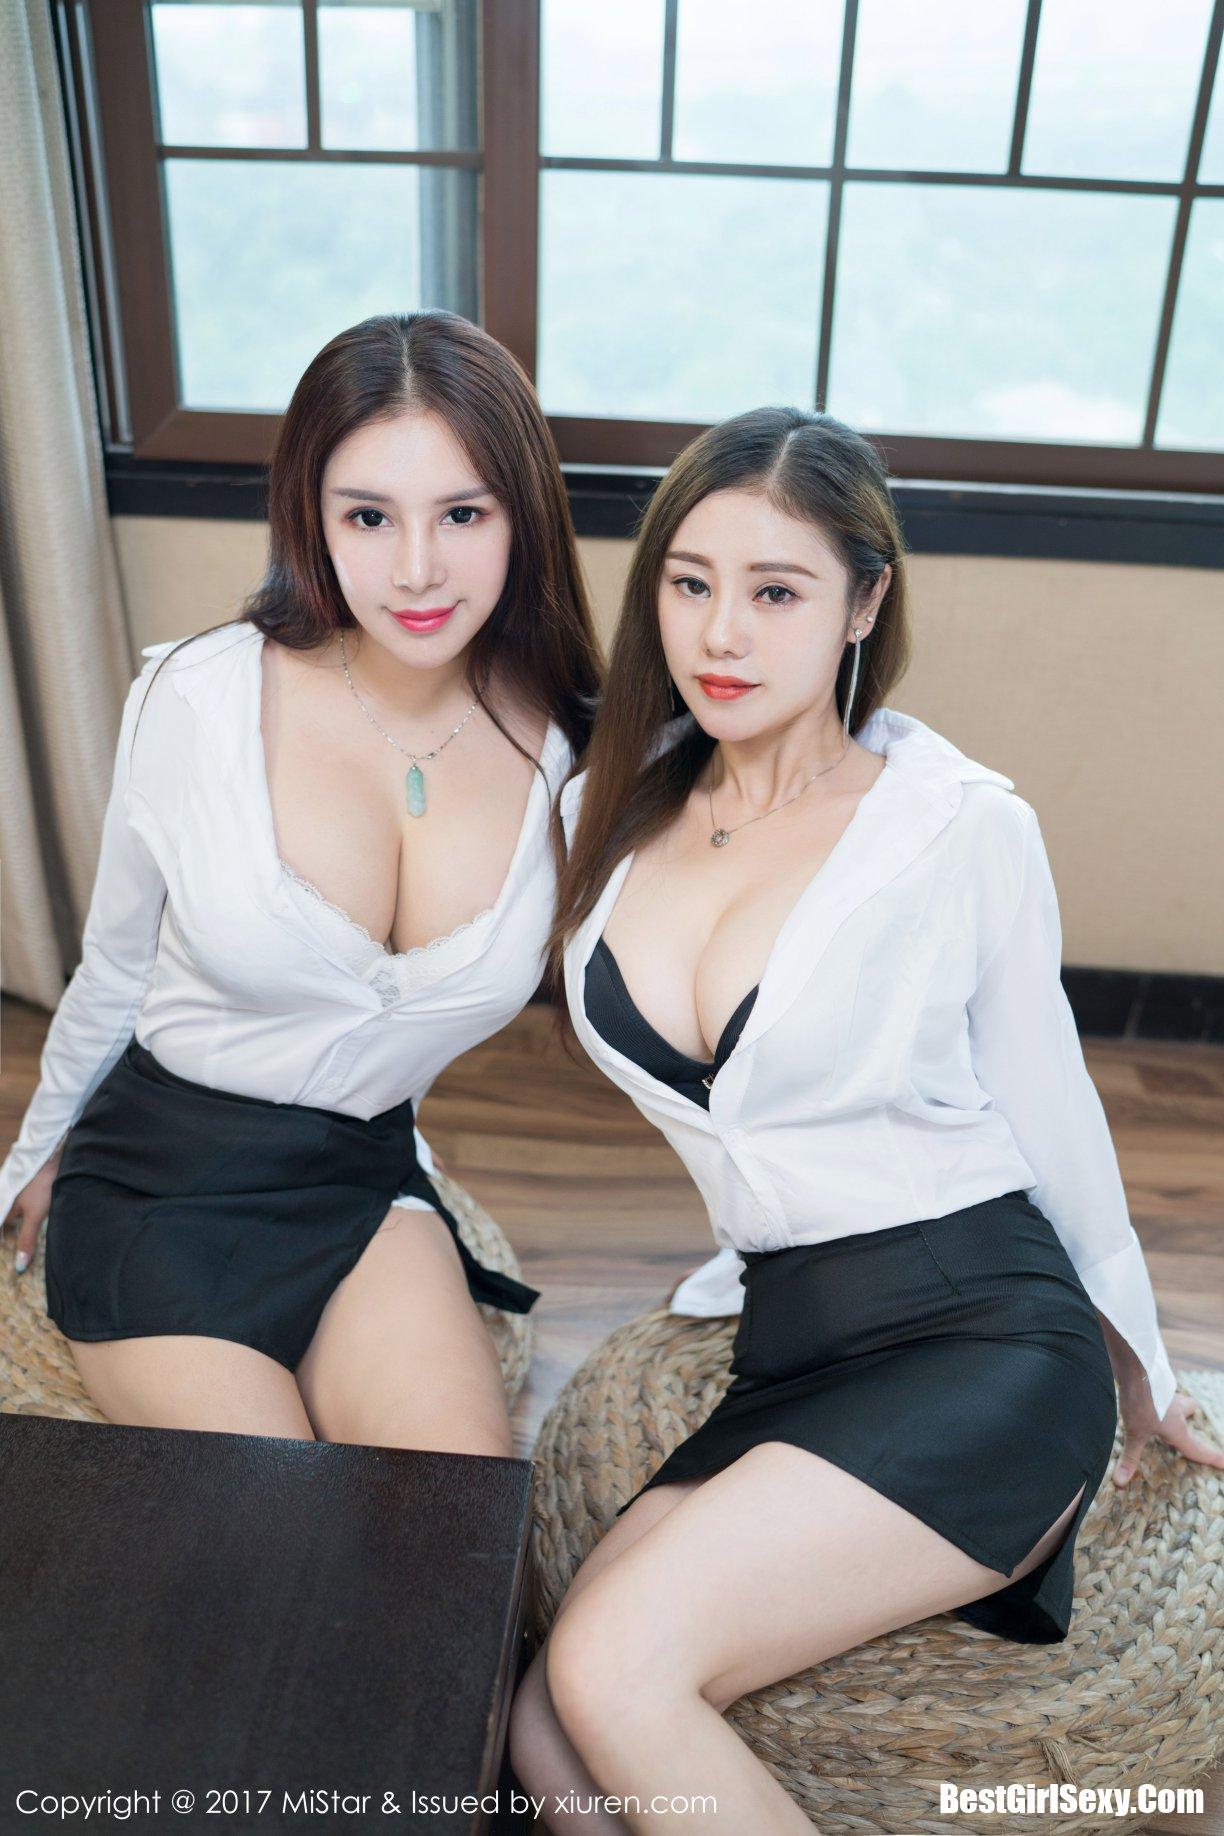 模特合集, Model Collection, MiStar魅妍社 Vol.194 Model Collection, MiStar魅妍社 Vol.194